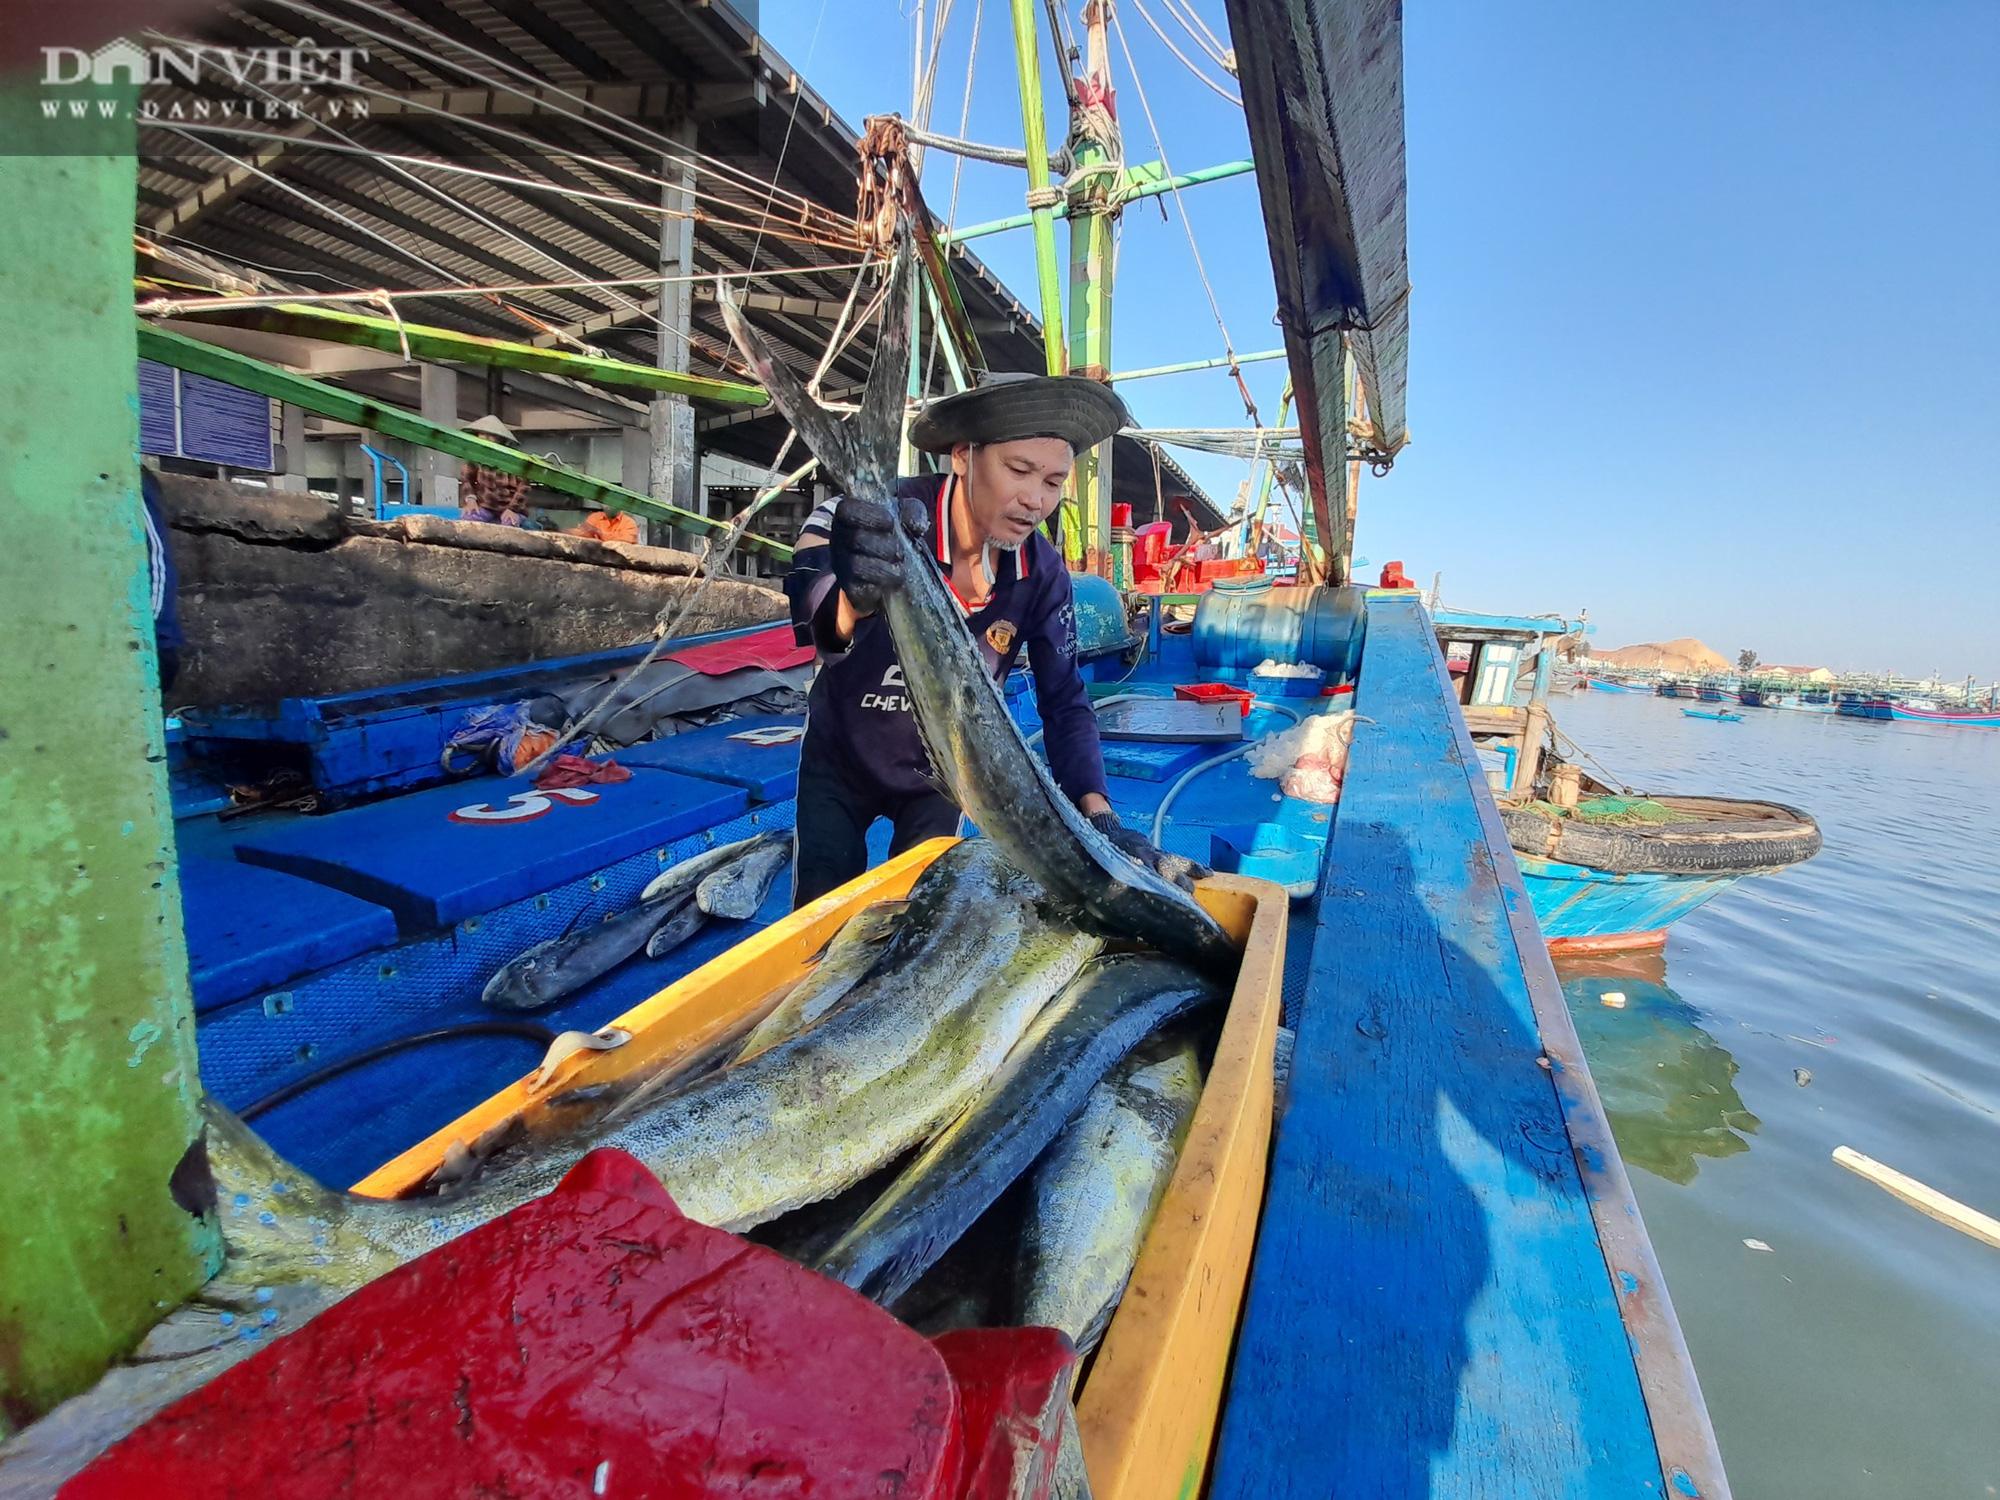 Cận cảnh đưa cá ngừ đại dương về bờ sau chuyến biển xuyên Tết - Ảnh 3.